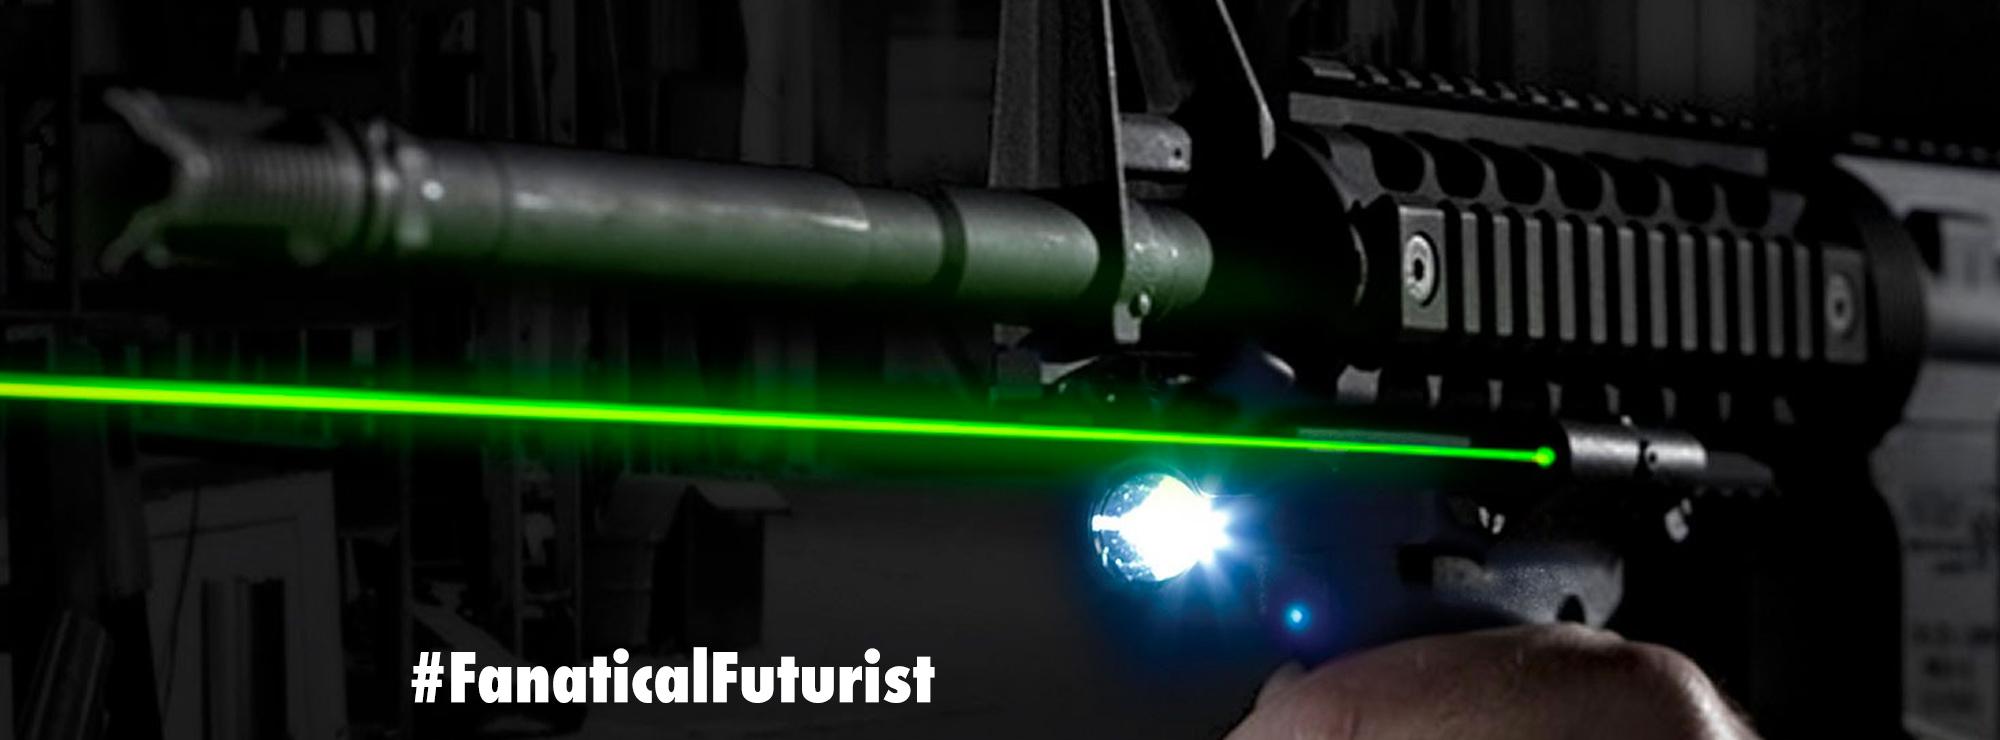 China unveils their revolutionary ZKZM-500 laser assault